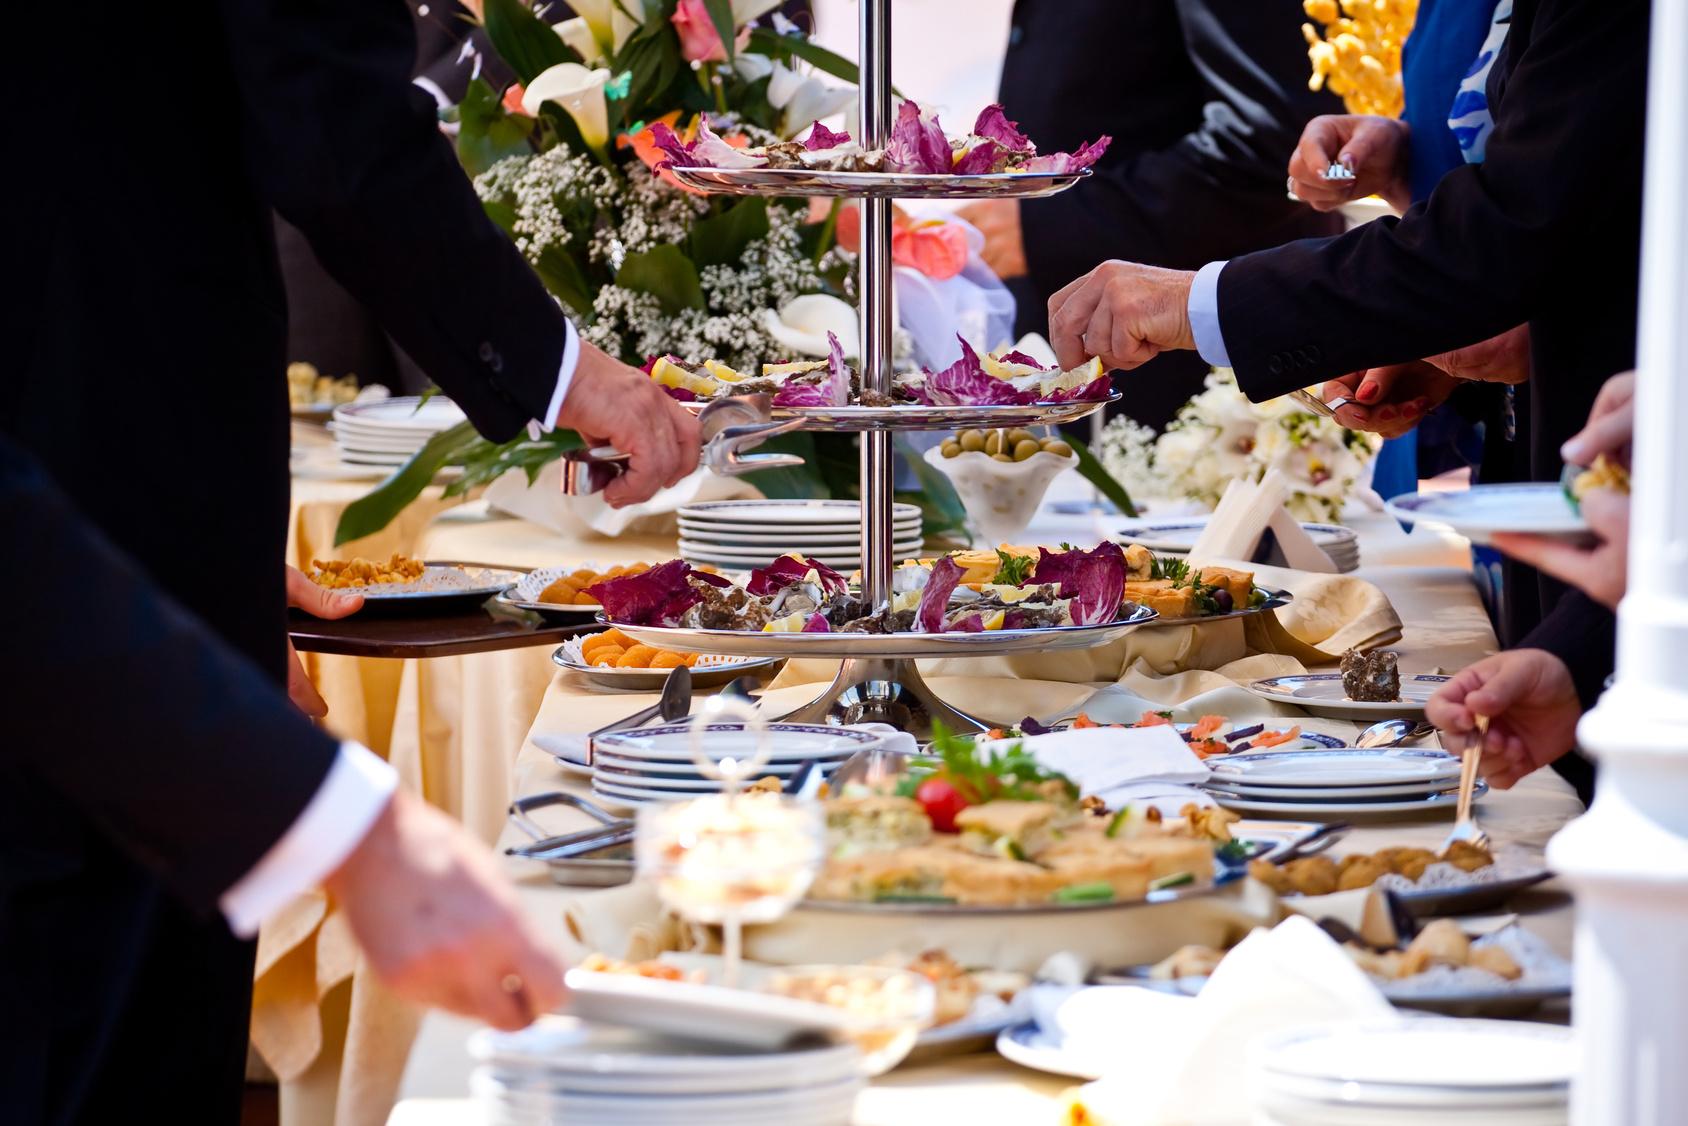 Wedding Food Ideas Get Creative I Do Knot: Repas De Mariage : Tout Savoir Pour Prévoir Les Bonnes